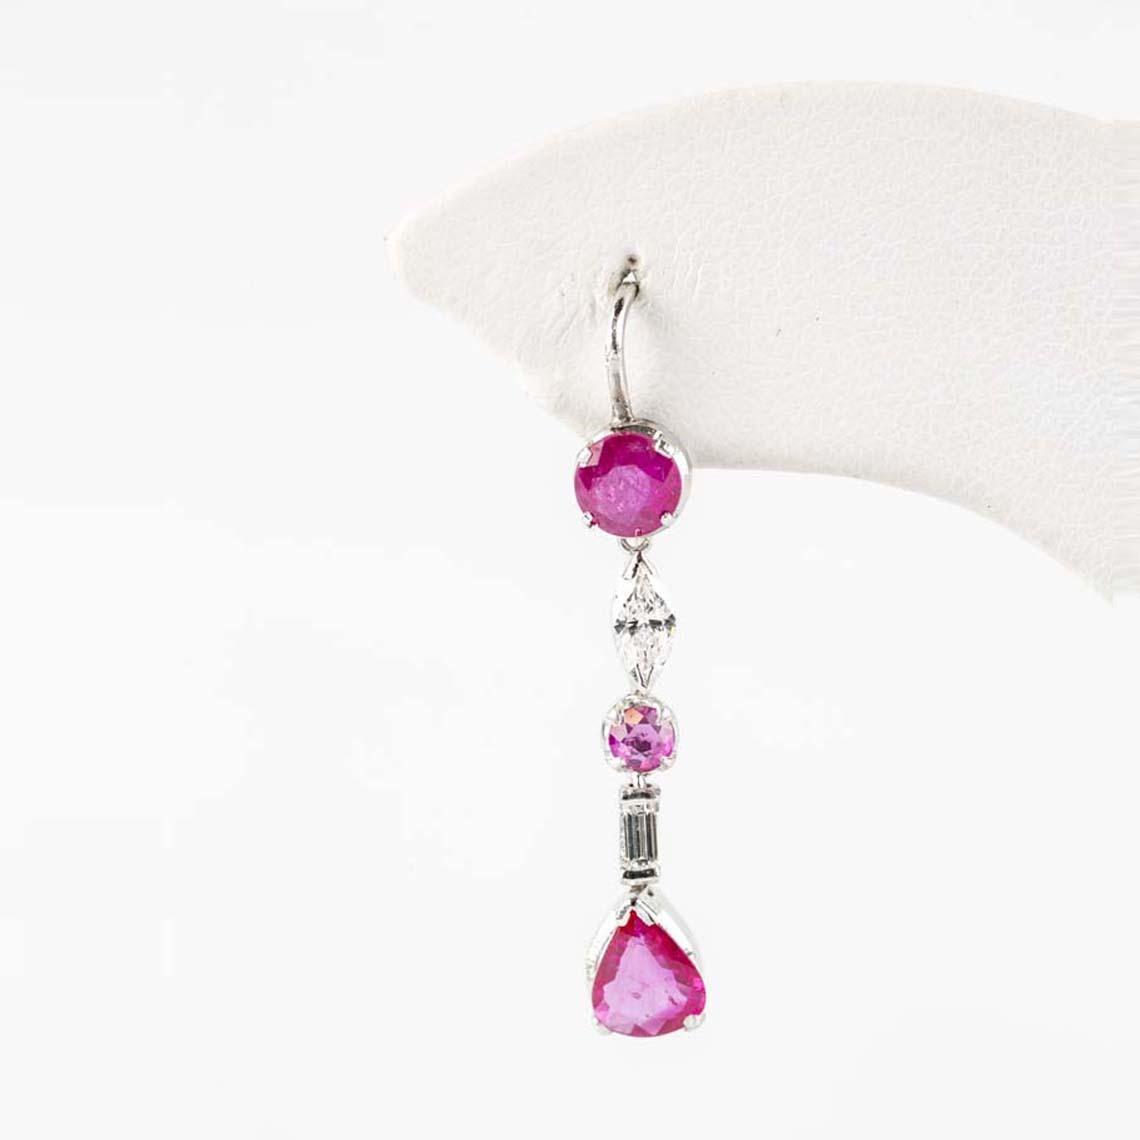 Vintage ruby and pearl earrings